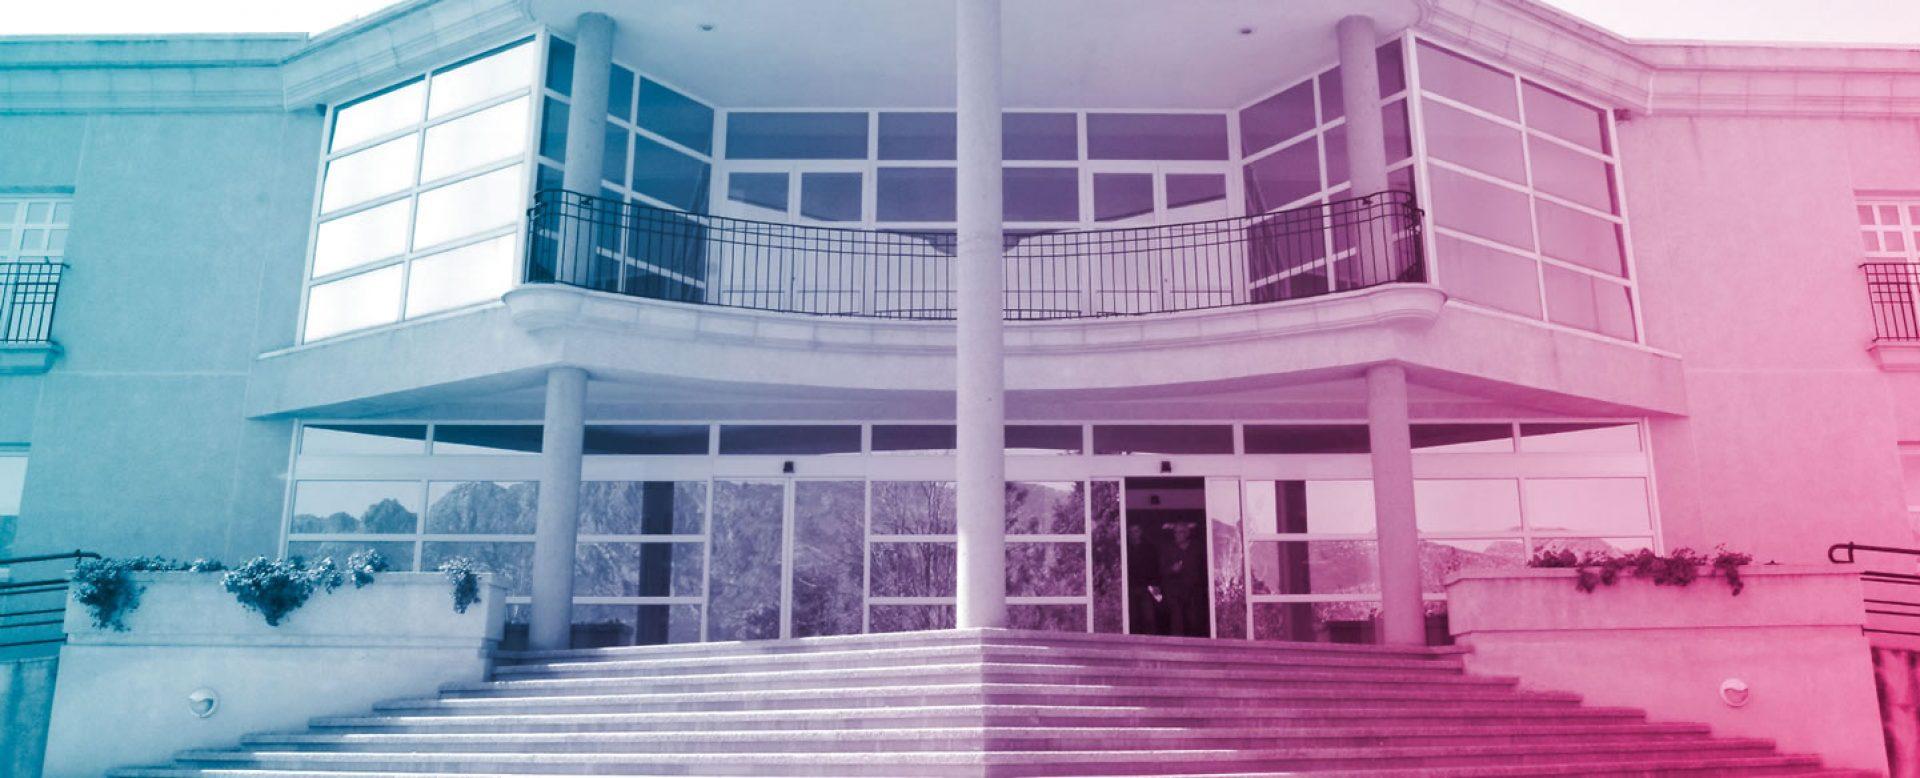 Ivane Salud Vithas Hospital Nisa Aguas Vivas